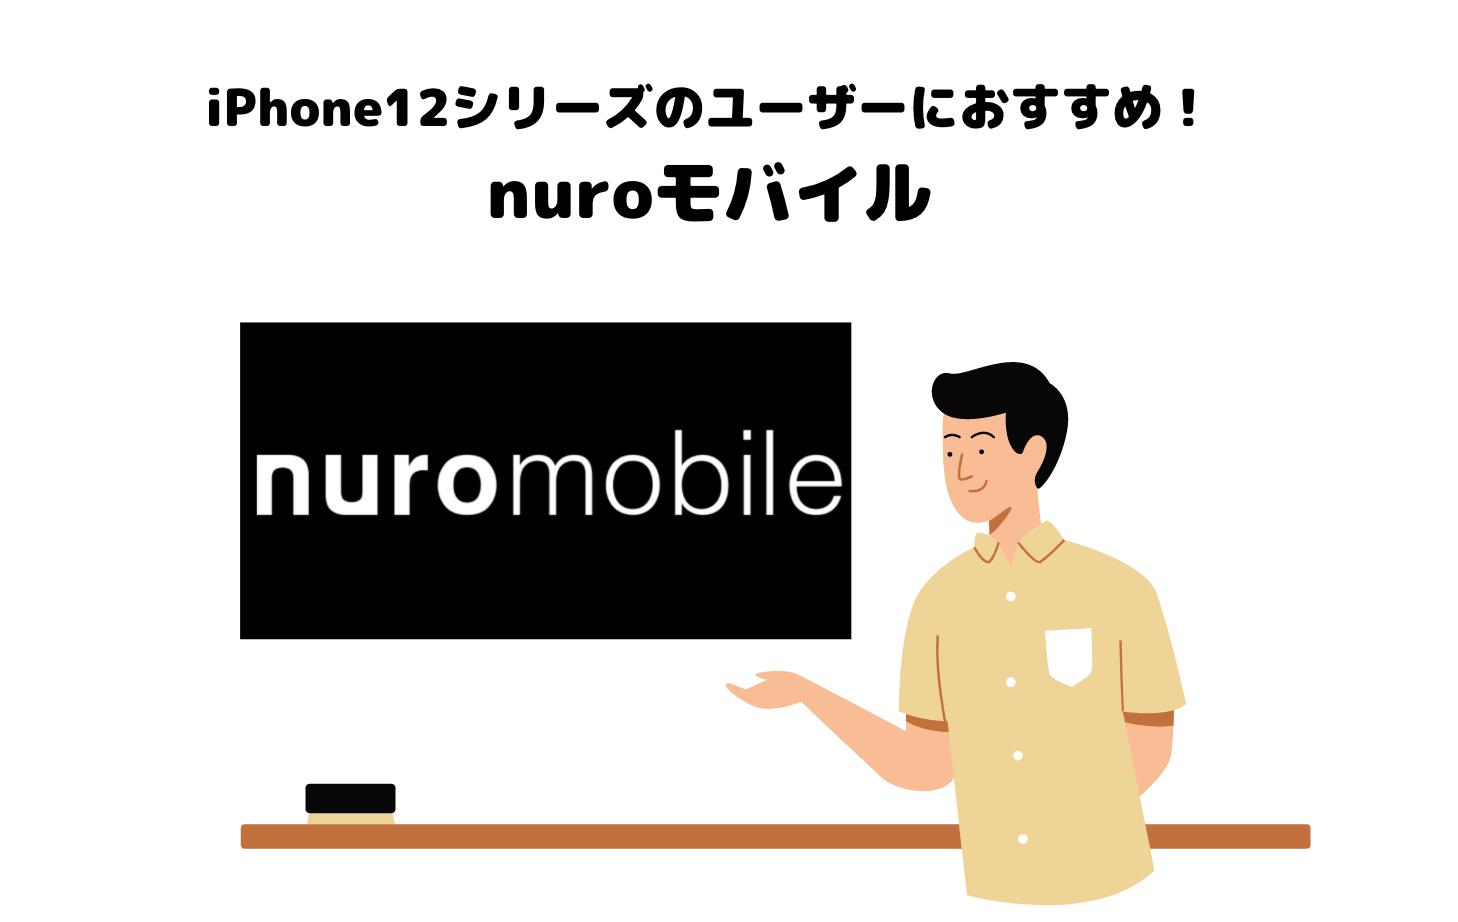 格安SIM_iphone12_iPhone12_nuromobile_nuroモバイル